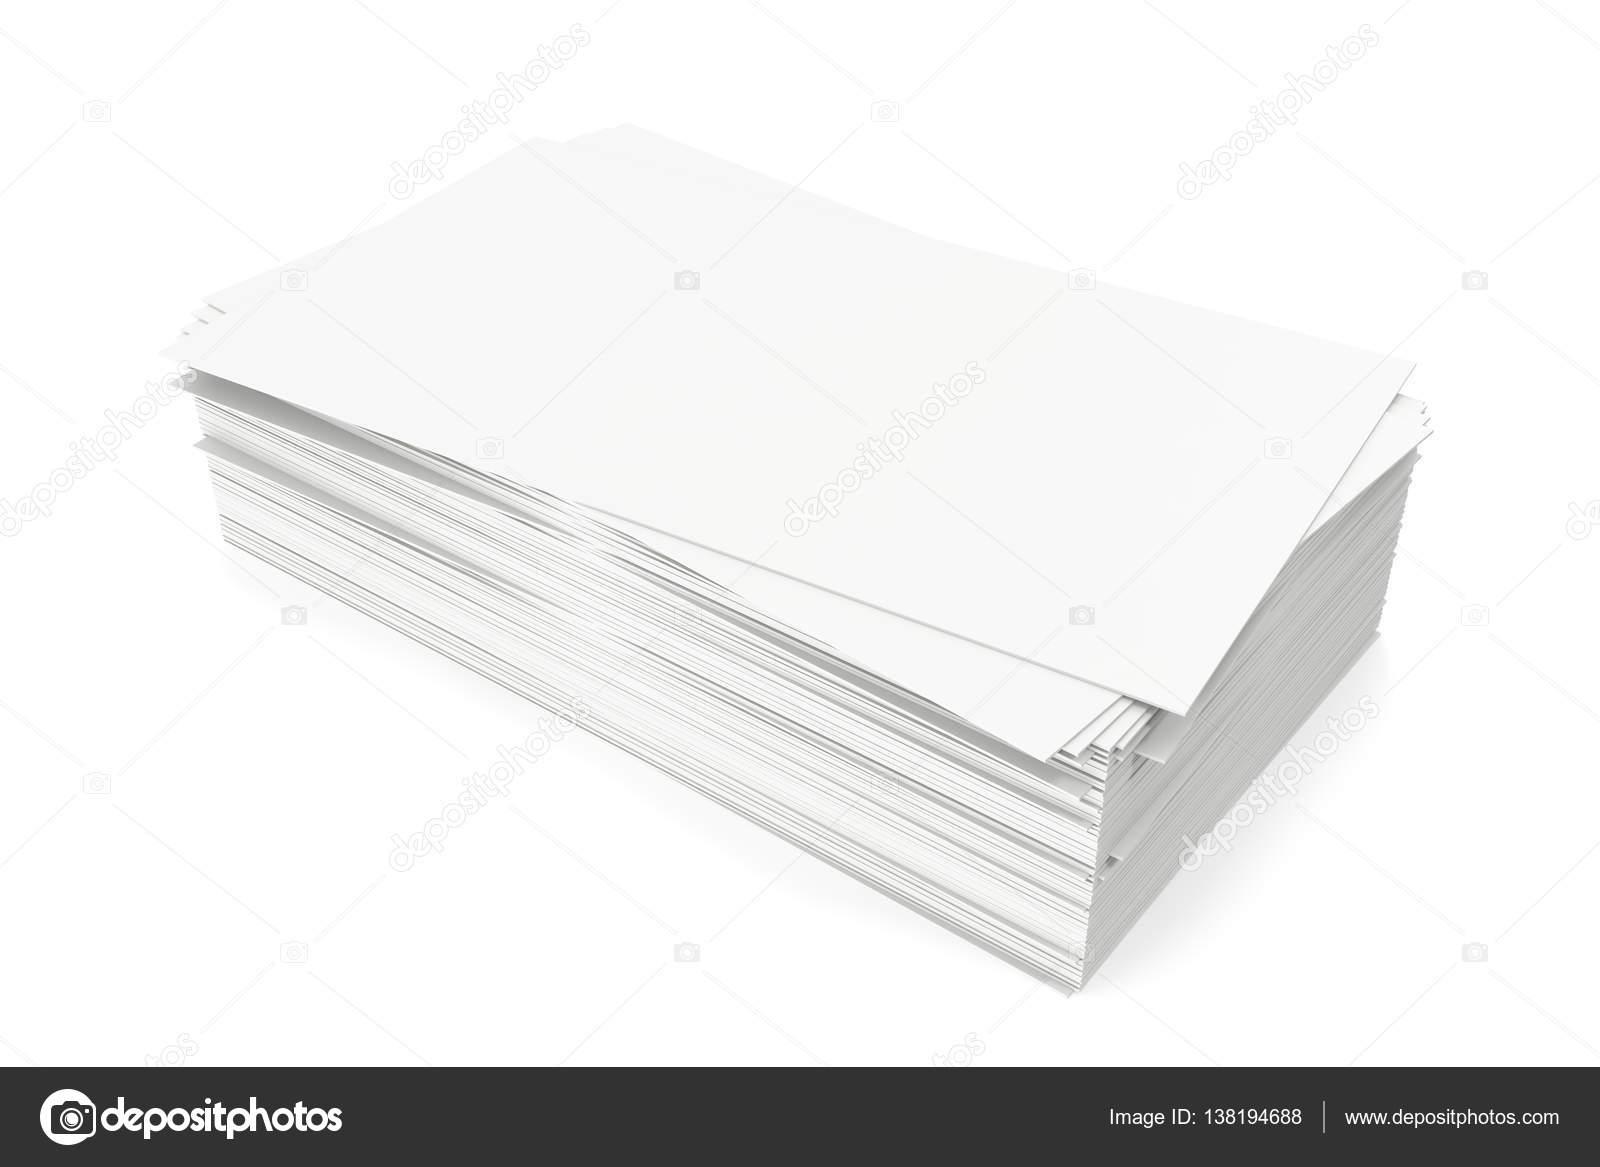 Cartes De Visite Vierge Maquette Modele Sur Fond Blanc Rendu 3d Images Stock Libres Droits